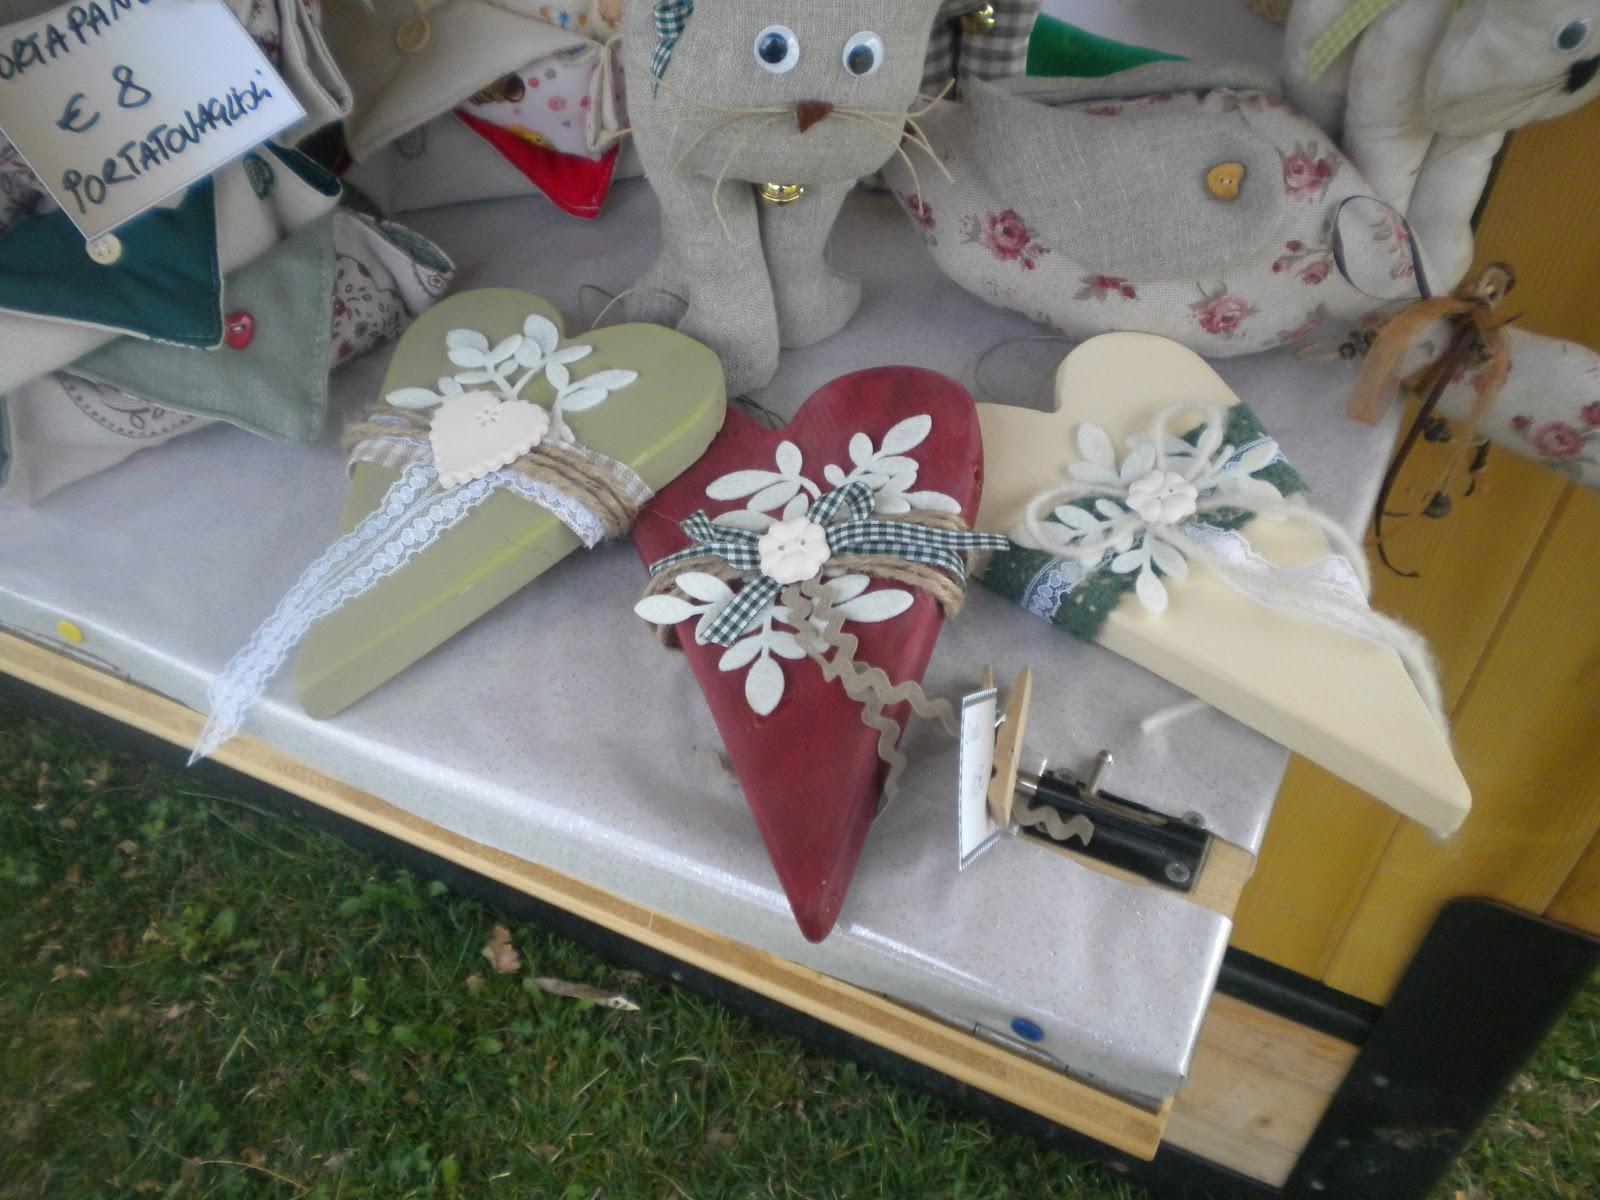 Assi Di Legno Decorate : La magia nelle mani .: cuori in legno decorati!